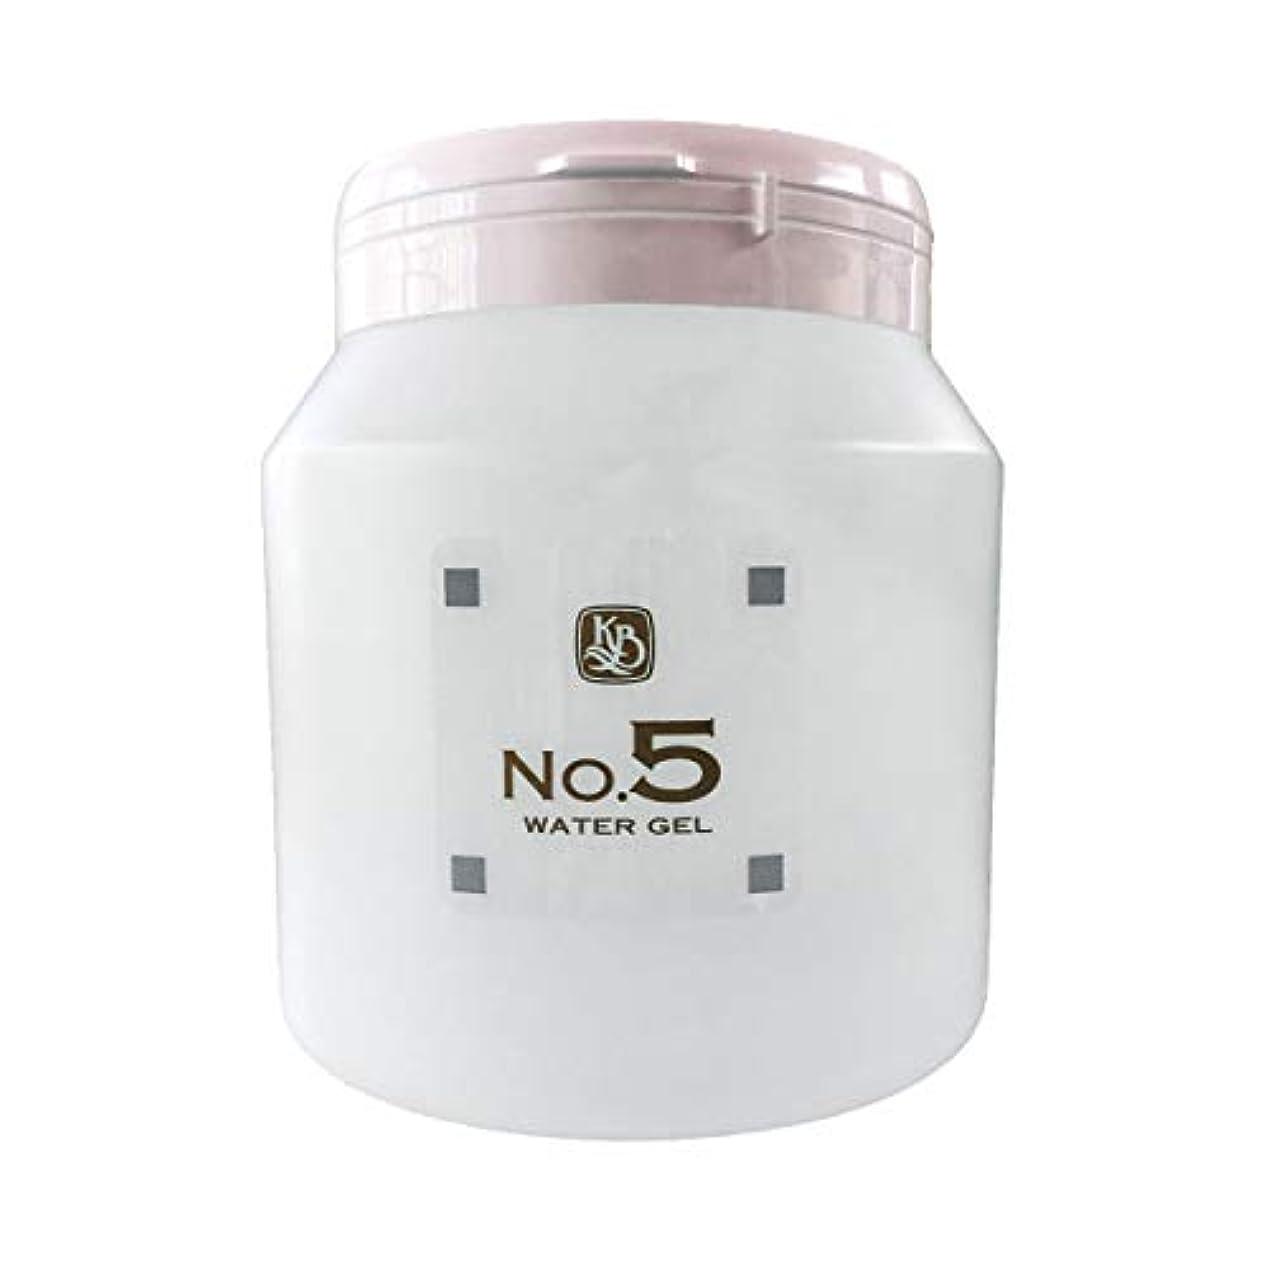 腫瘍支給ベックス顔を洗う水 ウォーターグルNO5 1000g